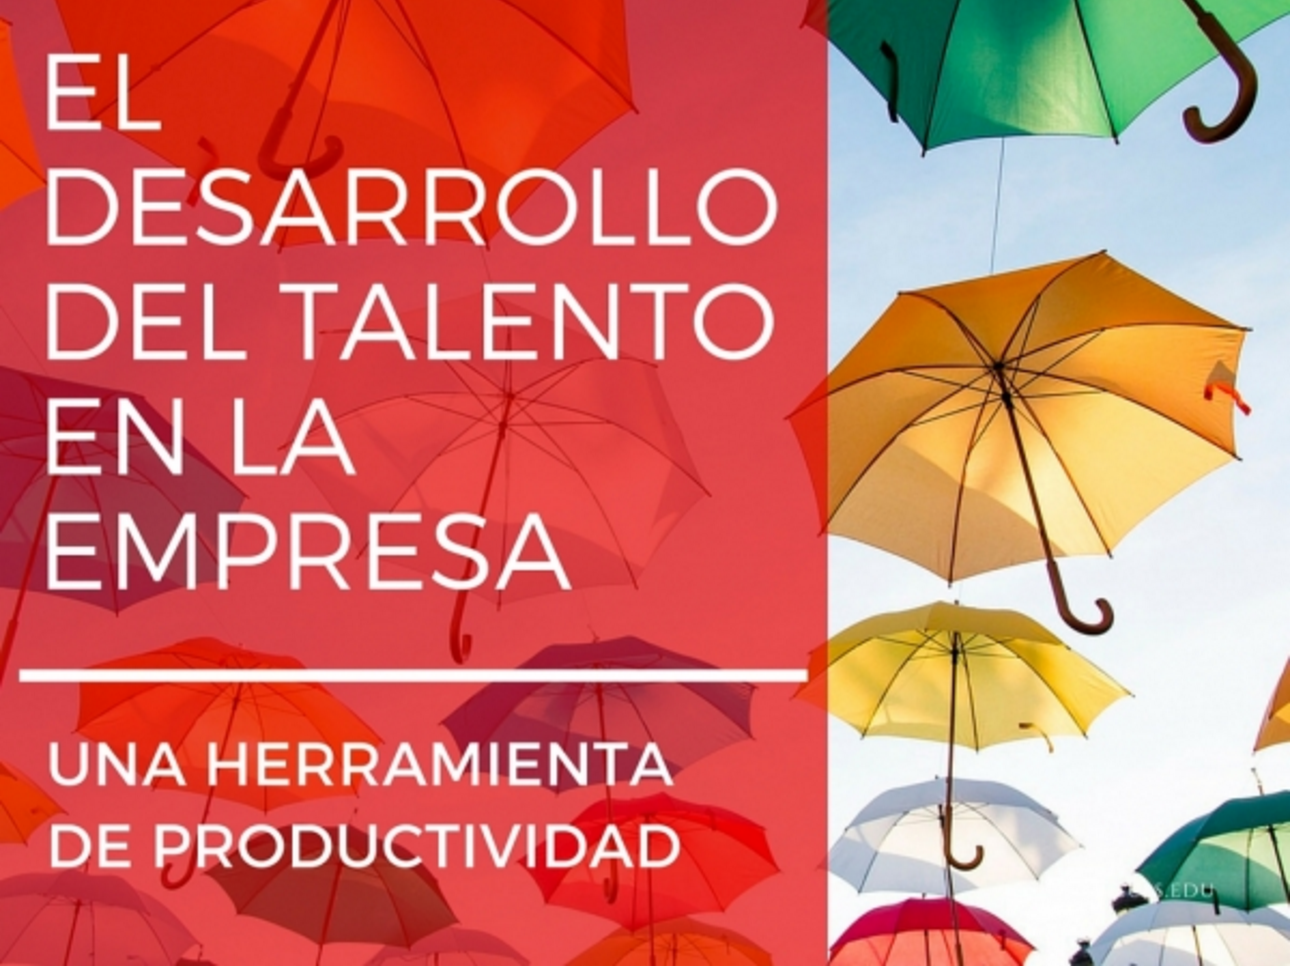 mhp-blog-el-desarrollo-del-talento-en-la-empresa